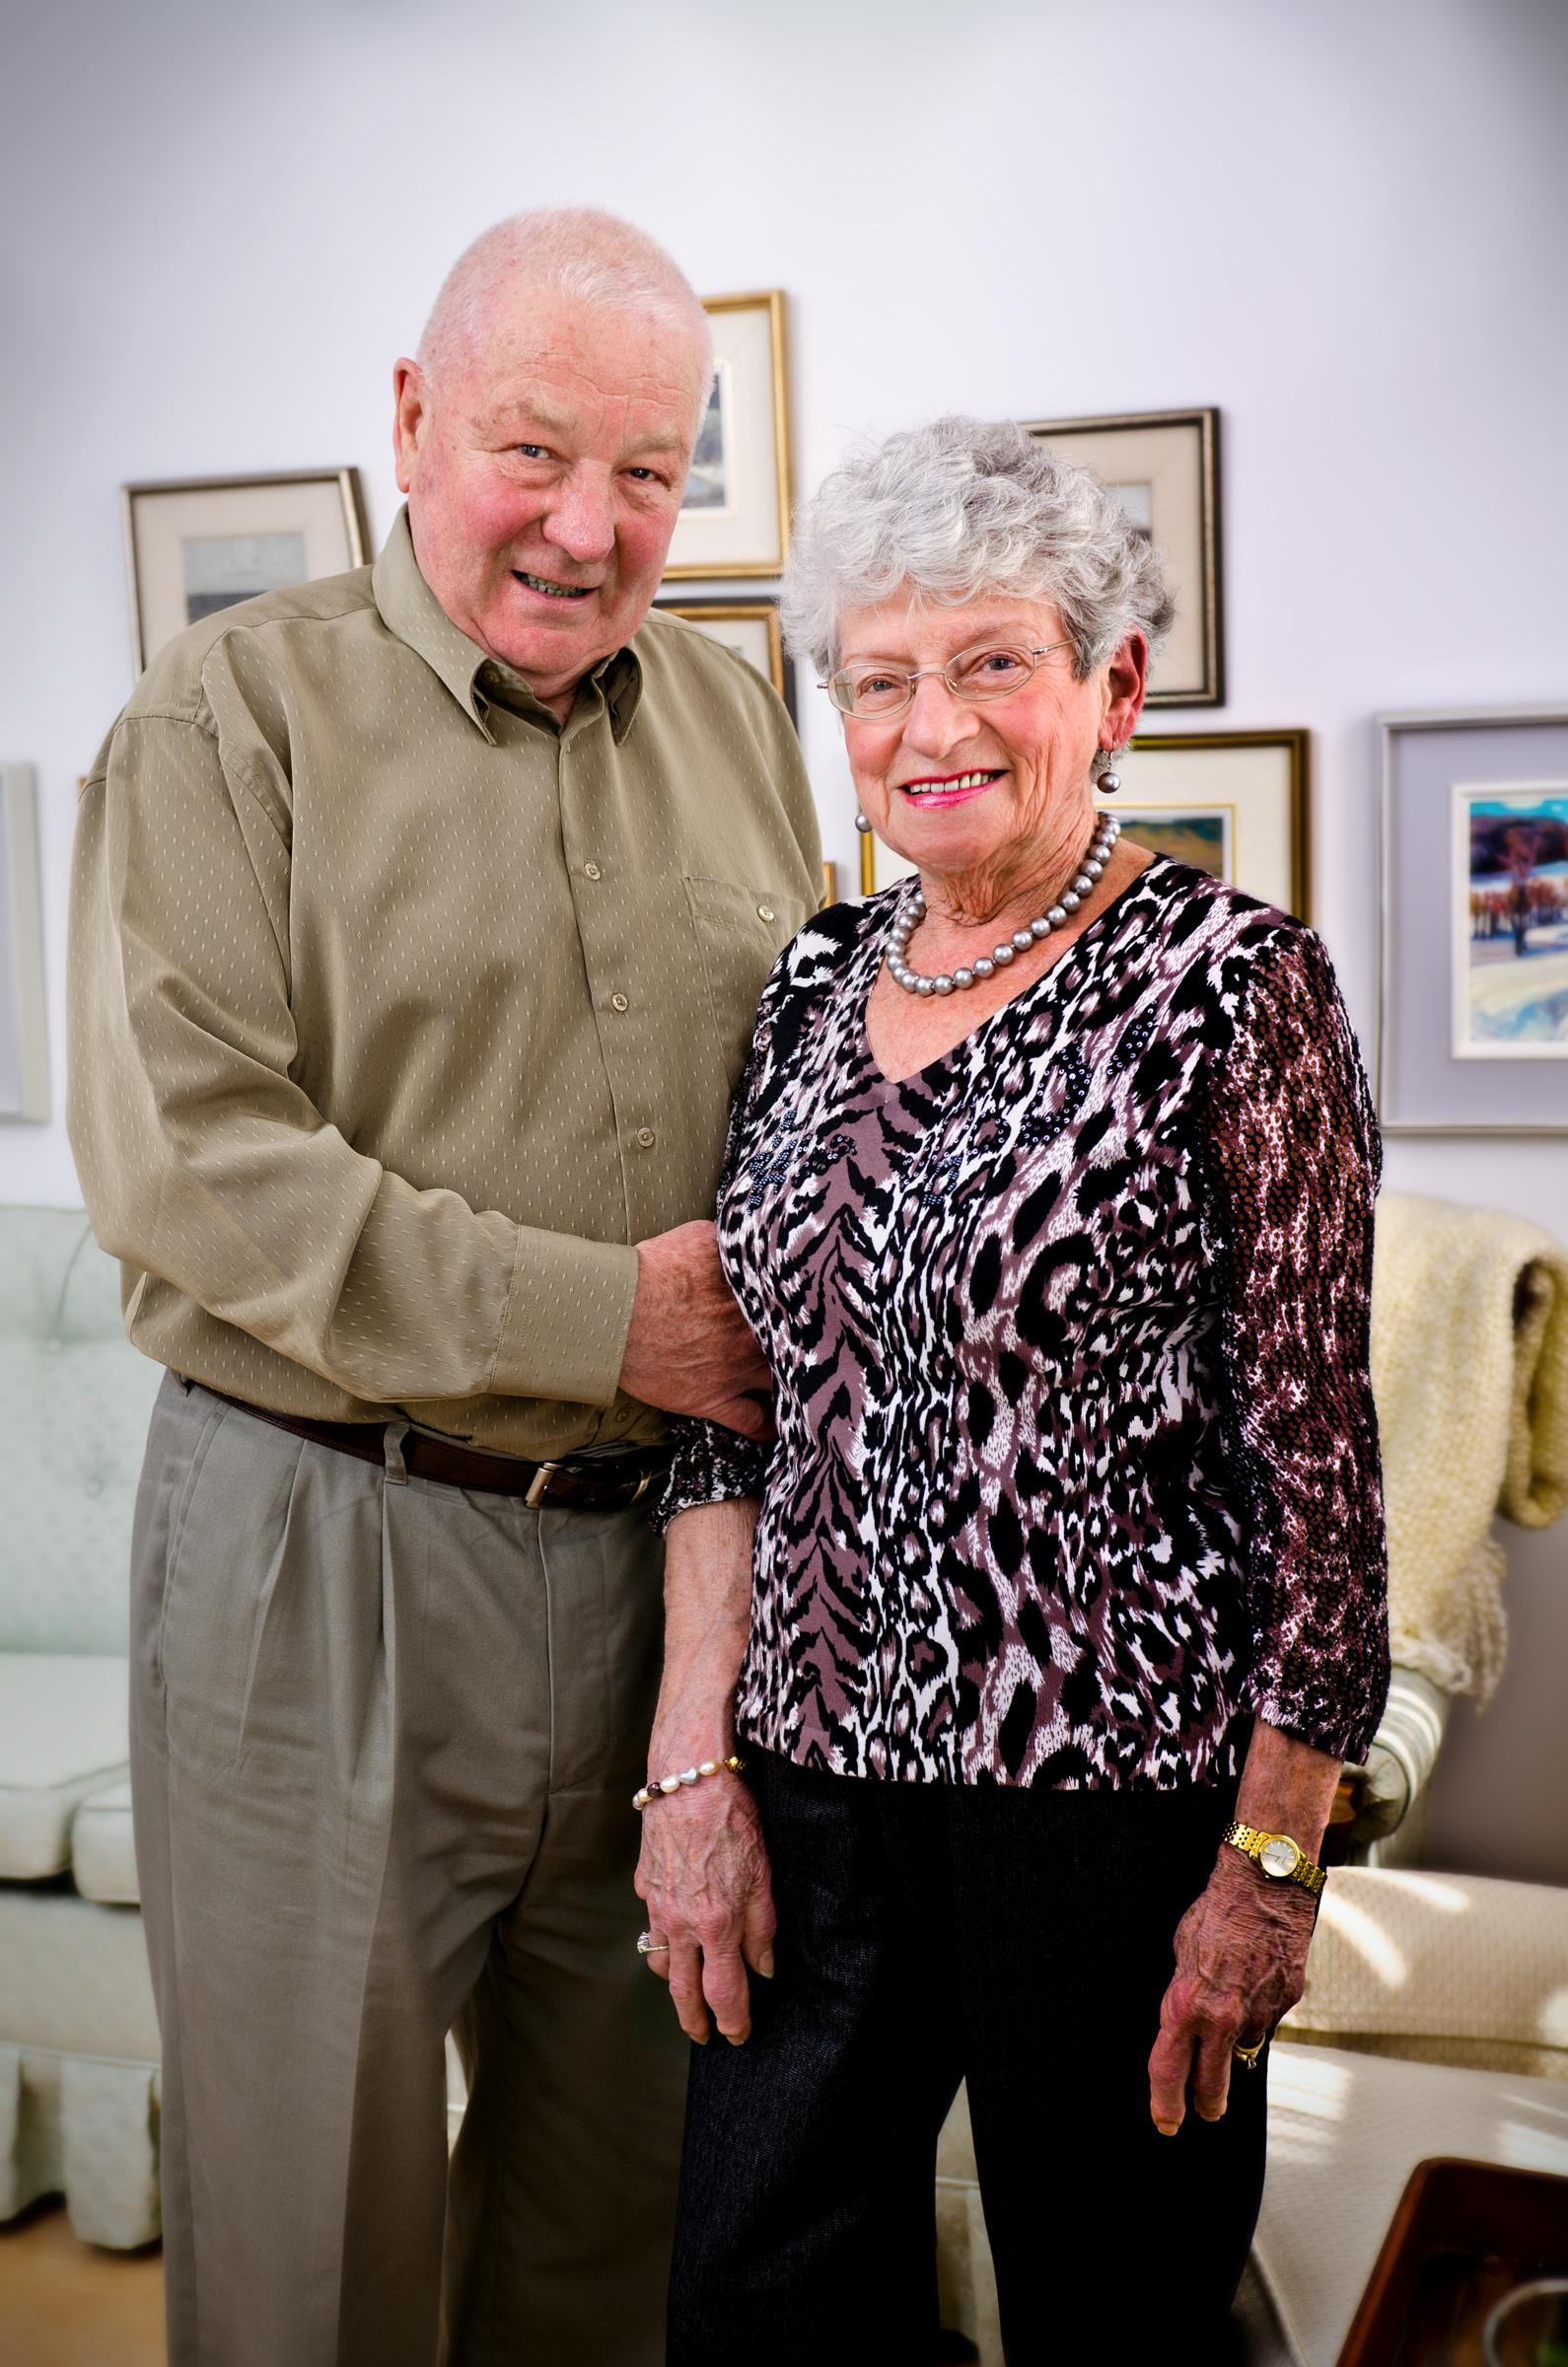 John Bliss-Dorothy McDade photo 2012.jpg